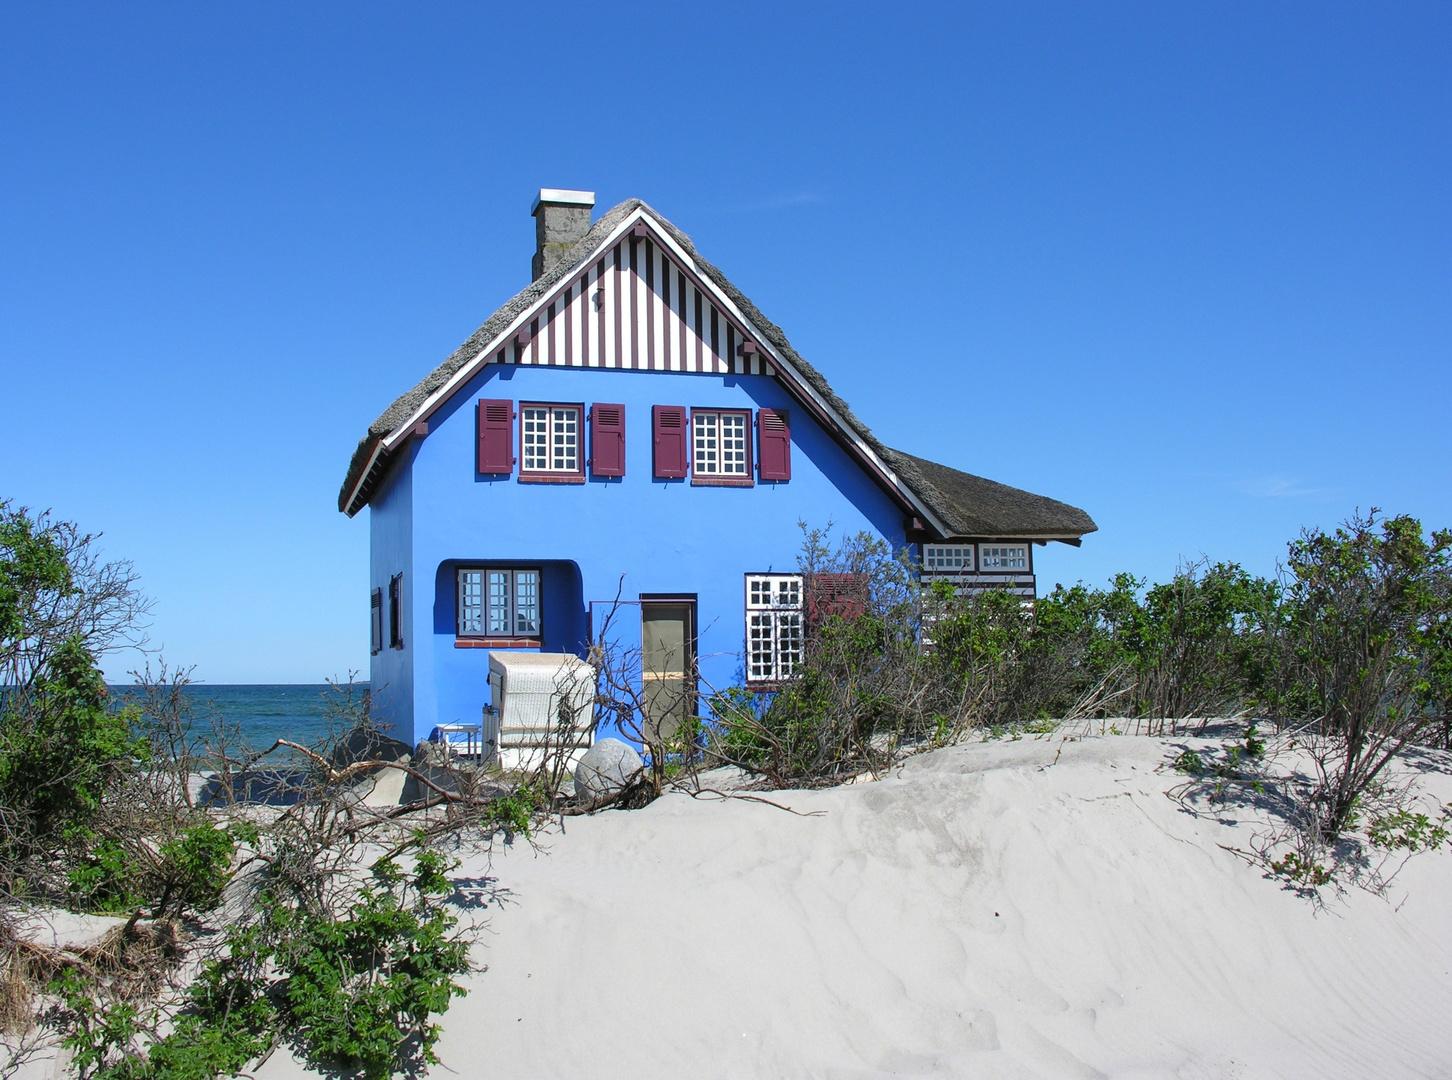 Das blaue Haus auf der Landzung Graswarder in